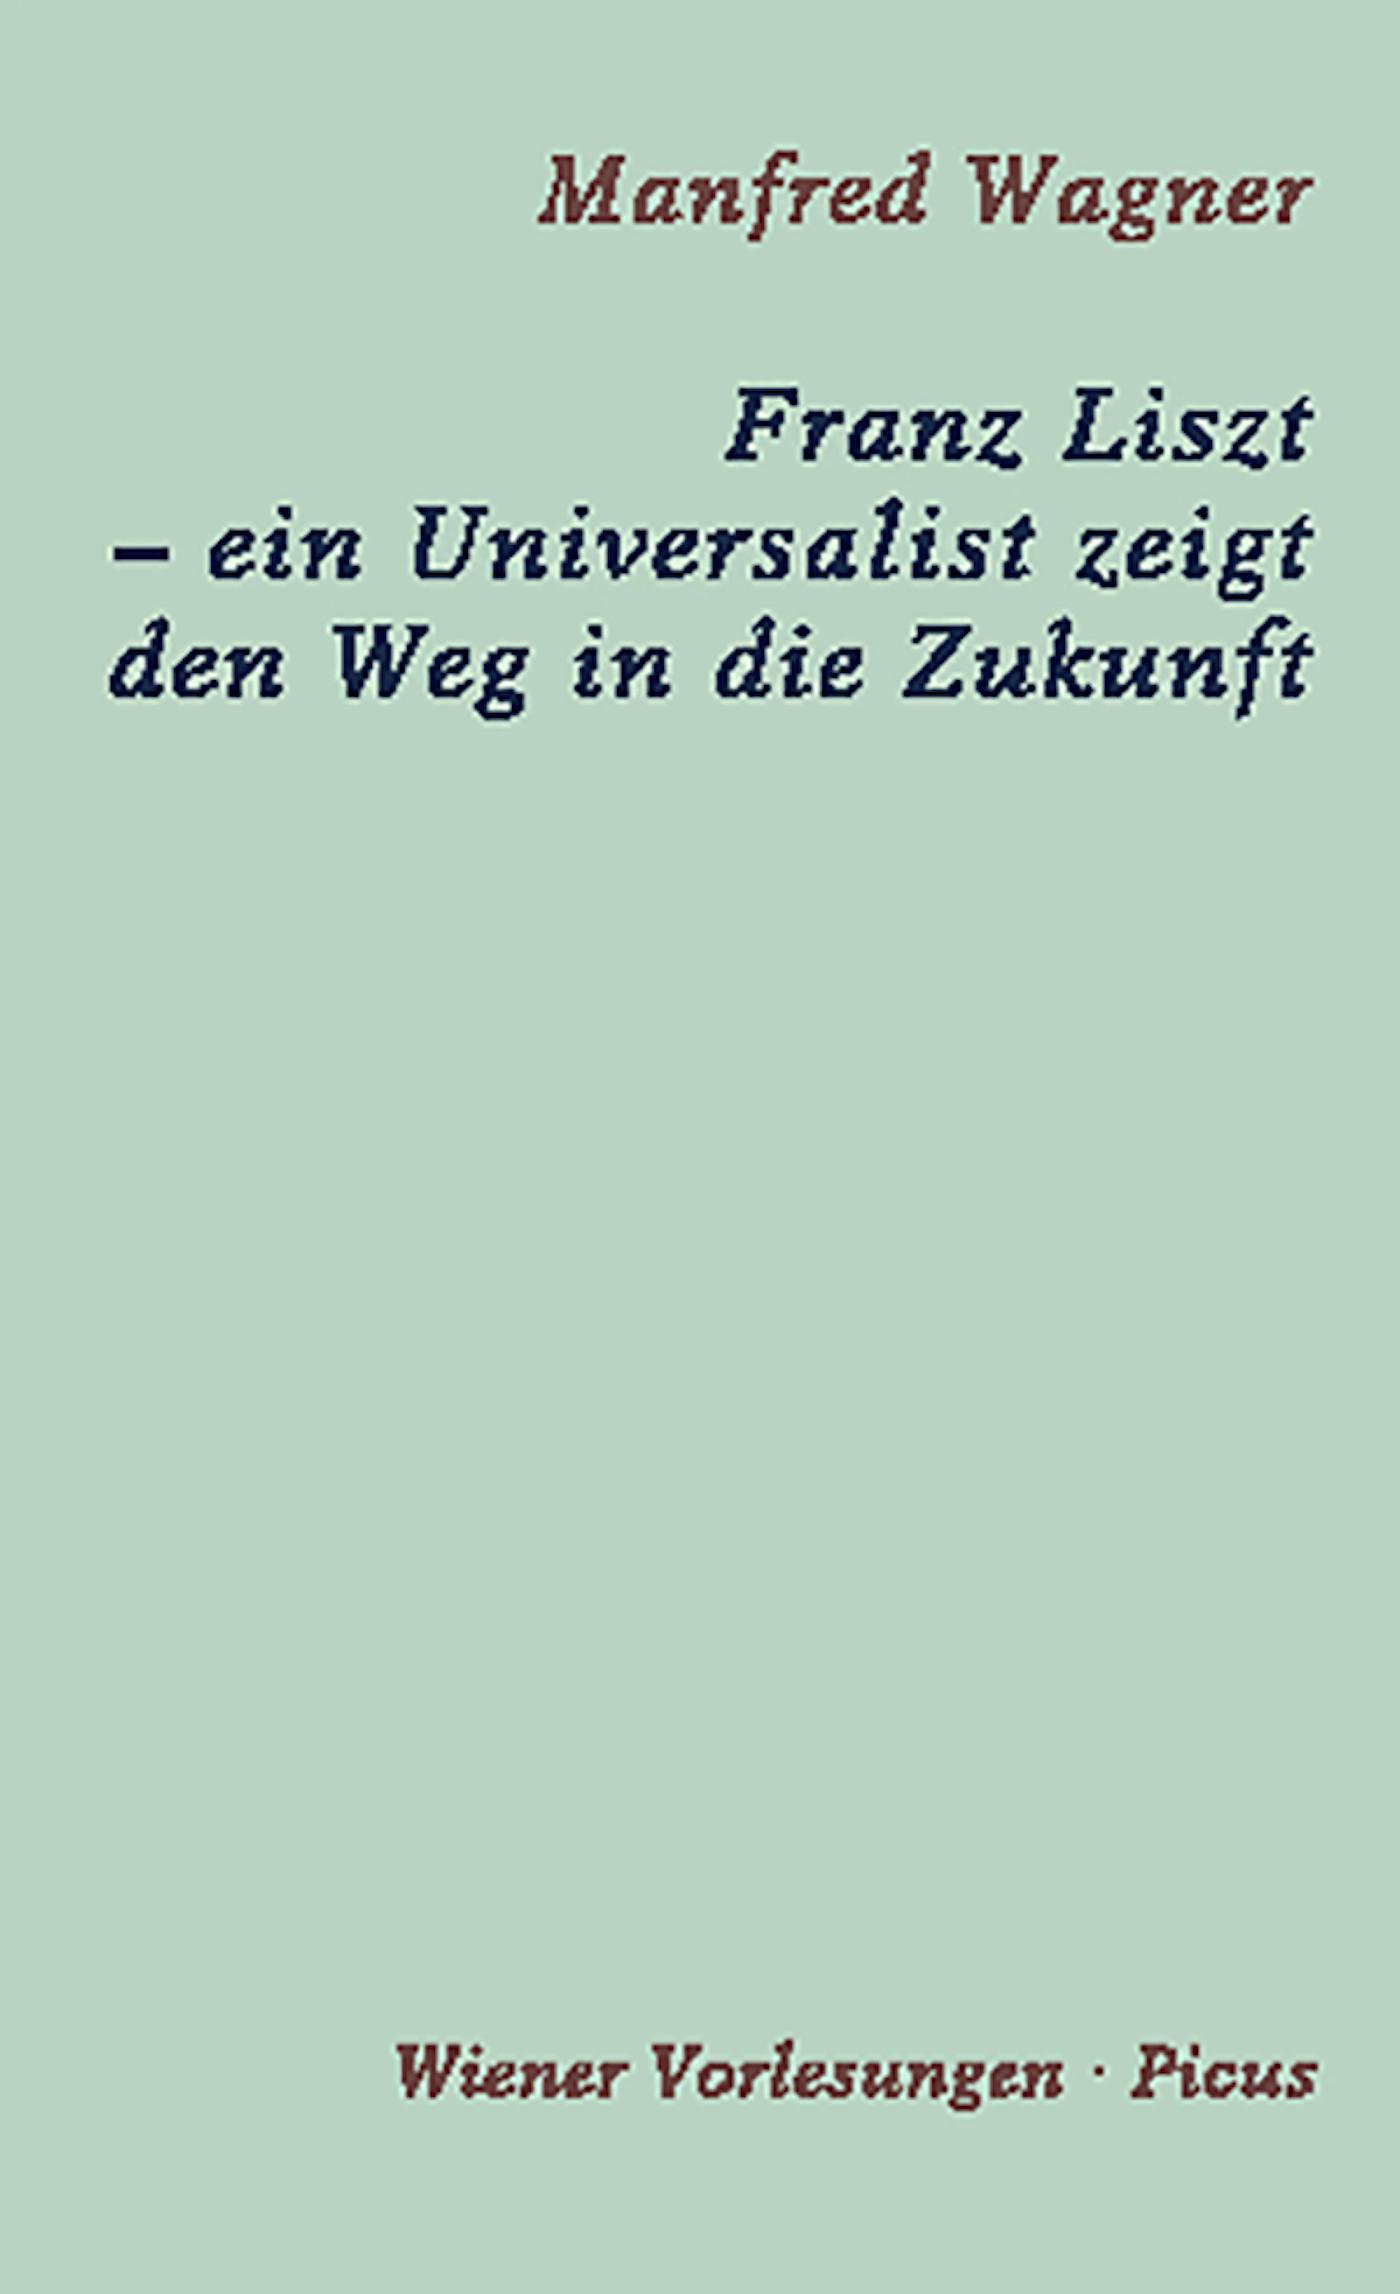 цены Manfred Wagner Franz Liszt – ein Universalist zeigt den Weg in die Zukunft